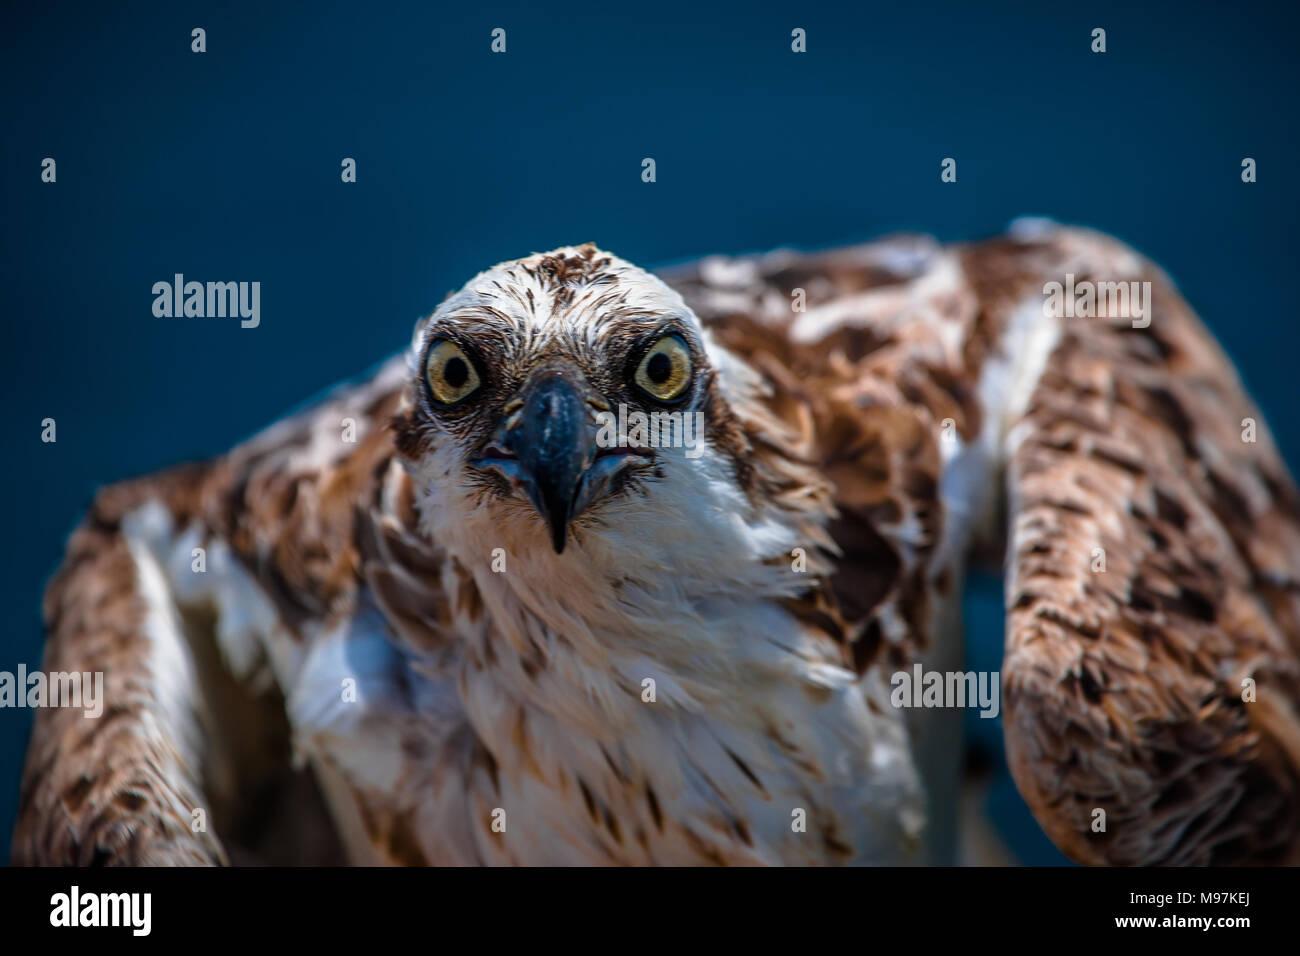 Eine verärgerte Suchen osprey Eagle starrt sie die Linse, Rotes Meer, Ägypten Stockbild